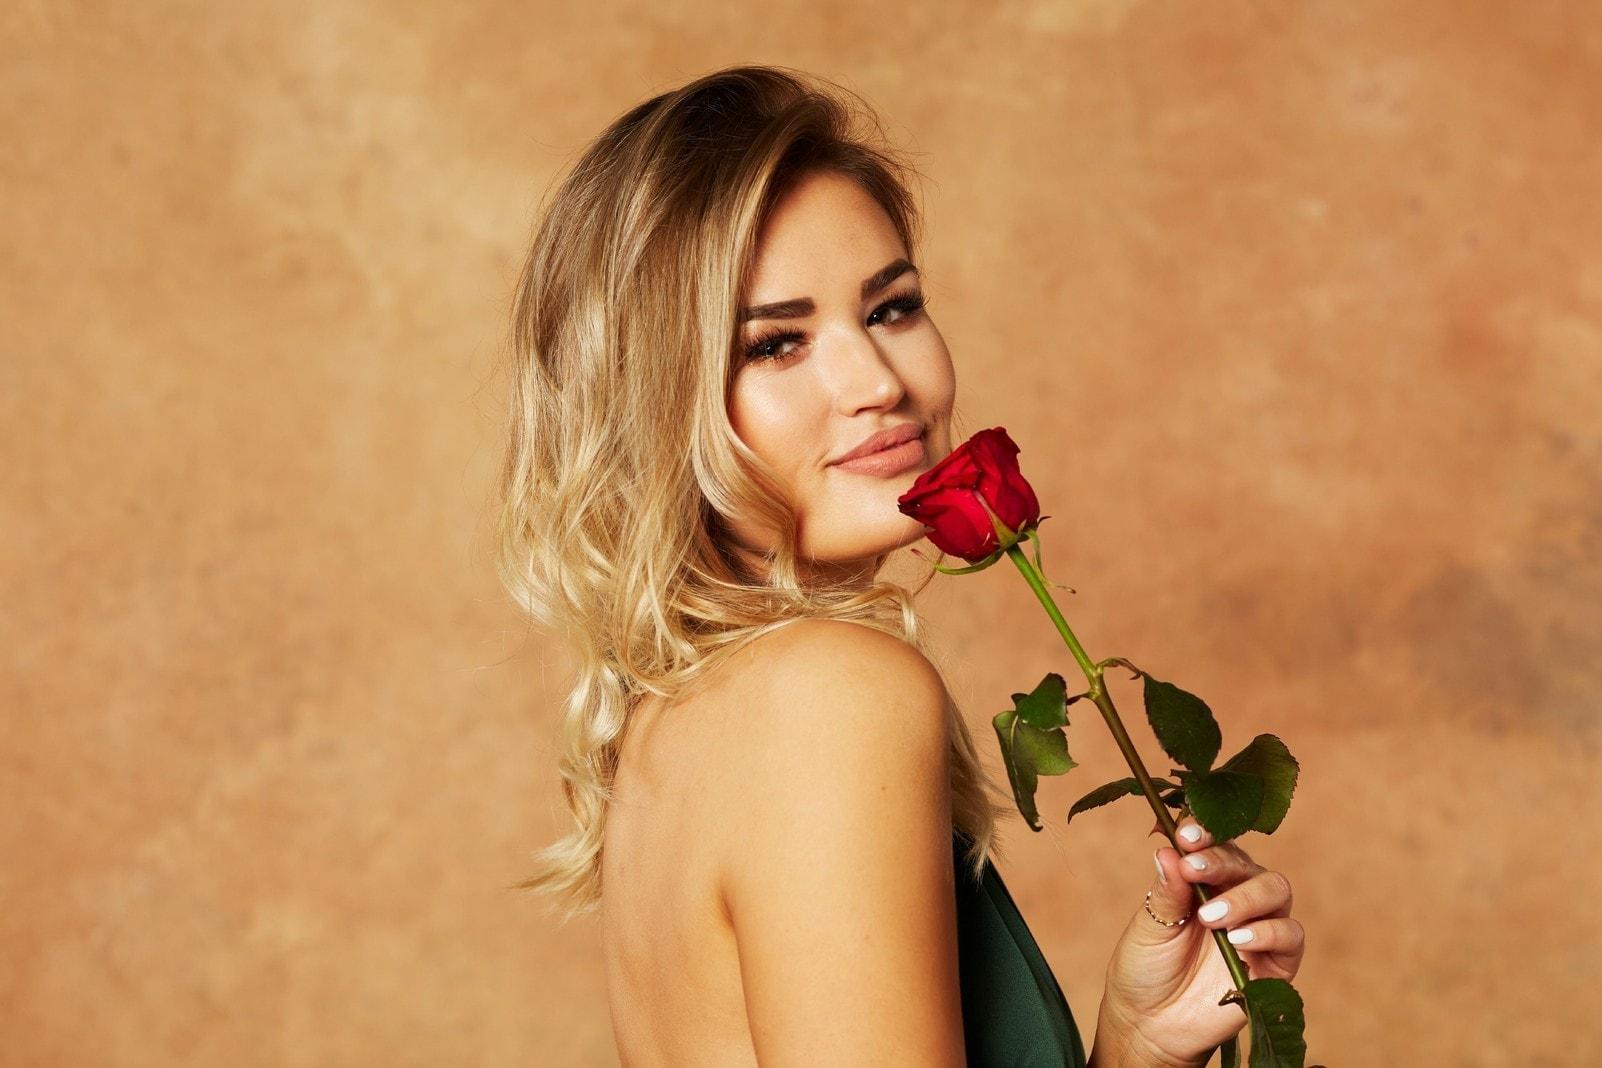 Der Bachelor Jacqueline B. Rose